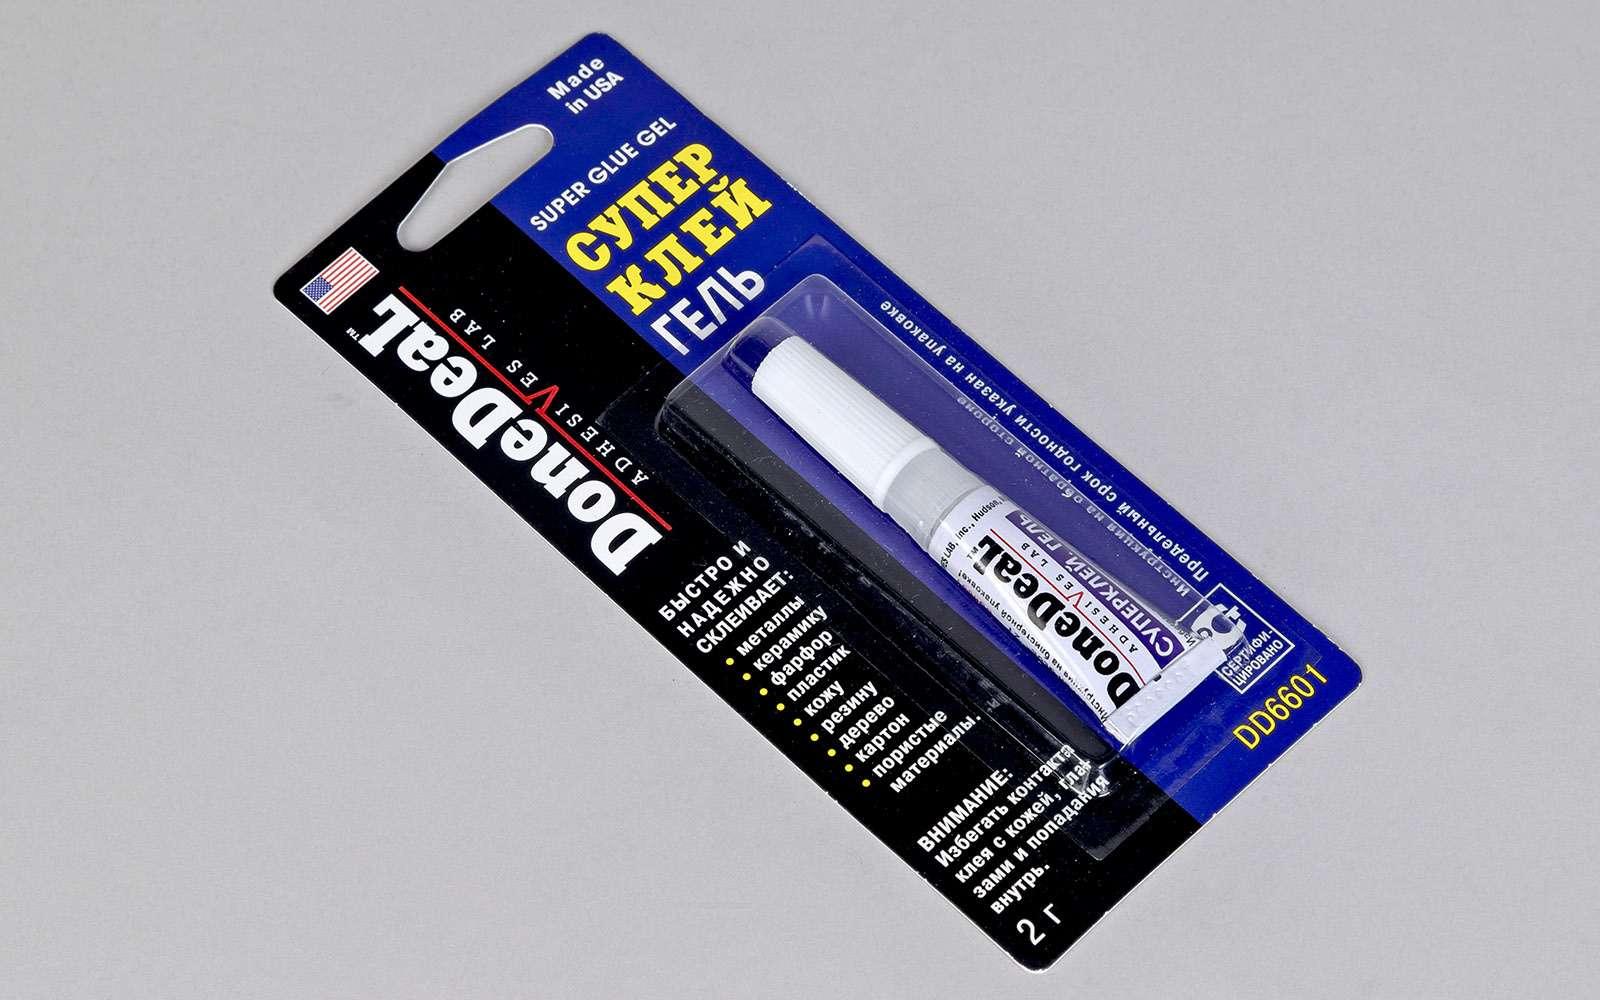 Какой клей дляпластика лучше? Экспертиза ЗР— фото 786544